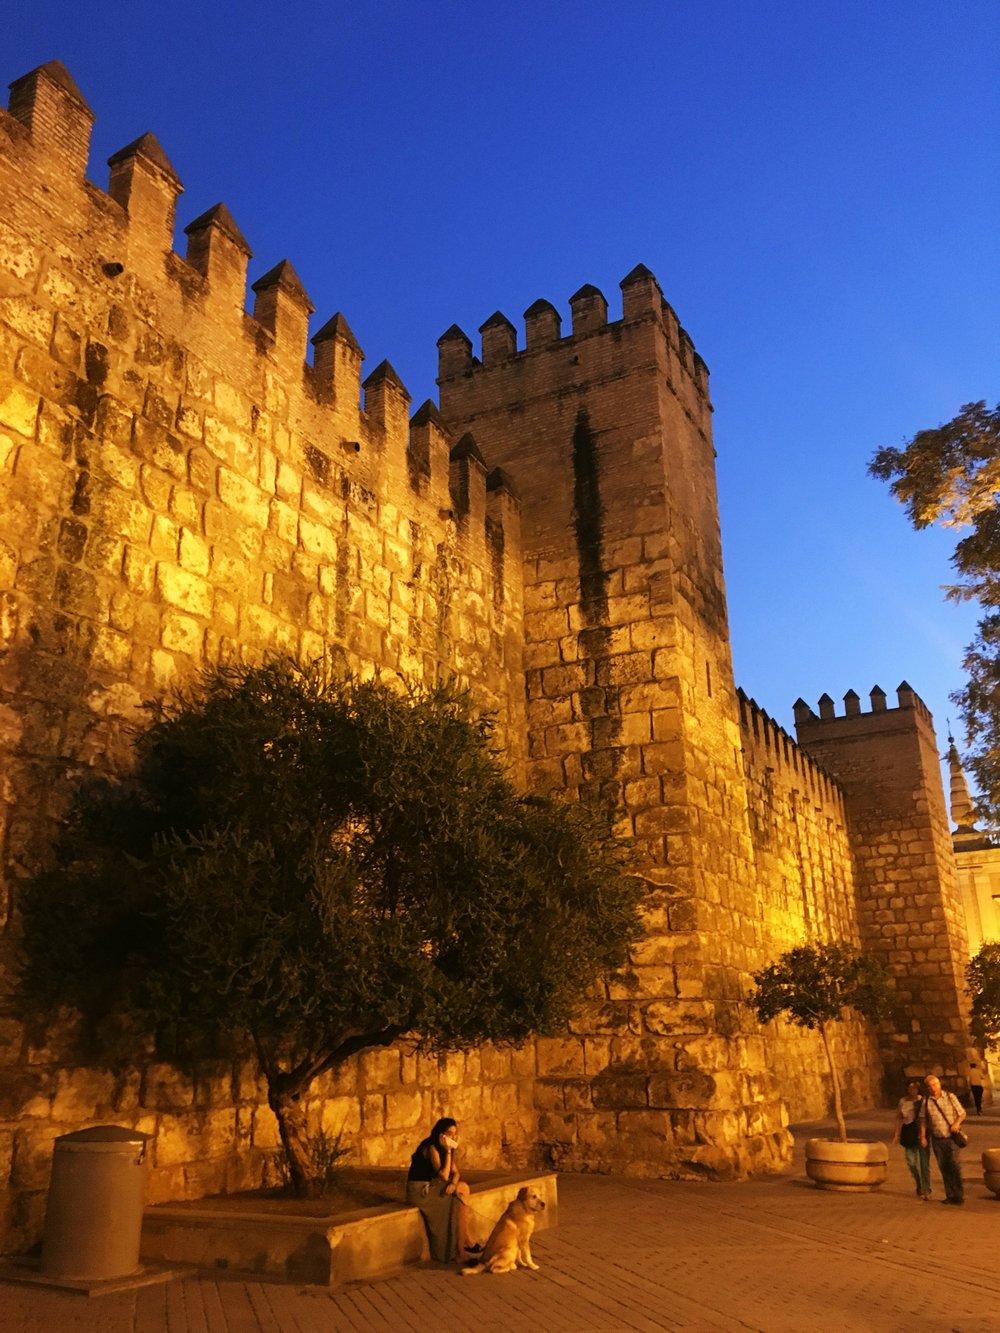 Royal Alcazar at night